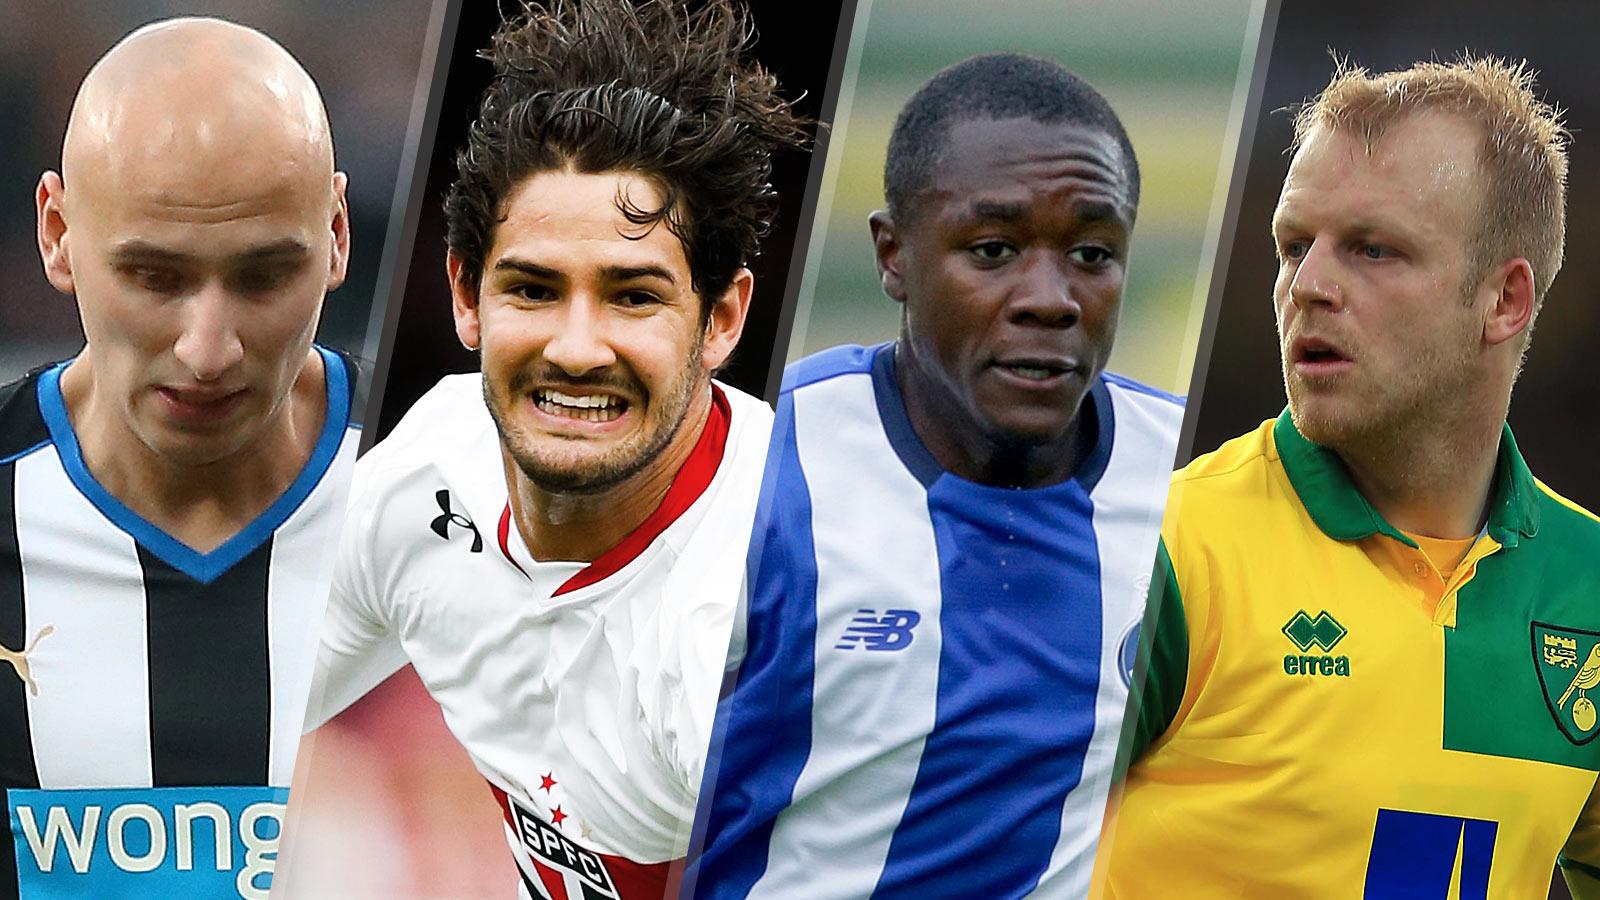 020216-soccer-epl-transfers-split-pi-mp